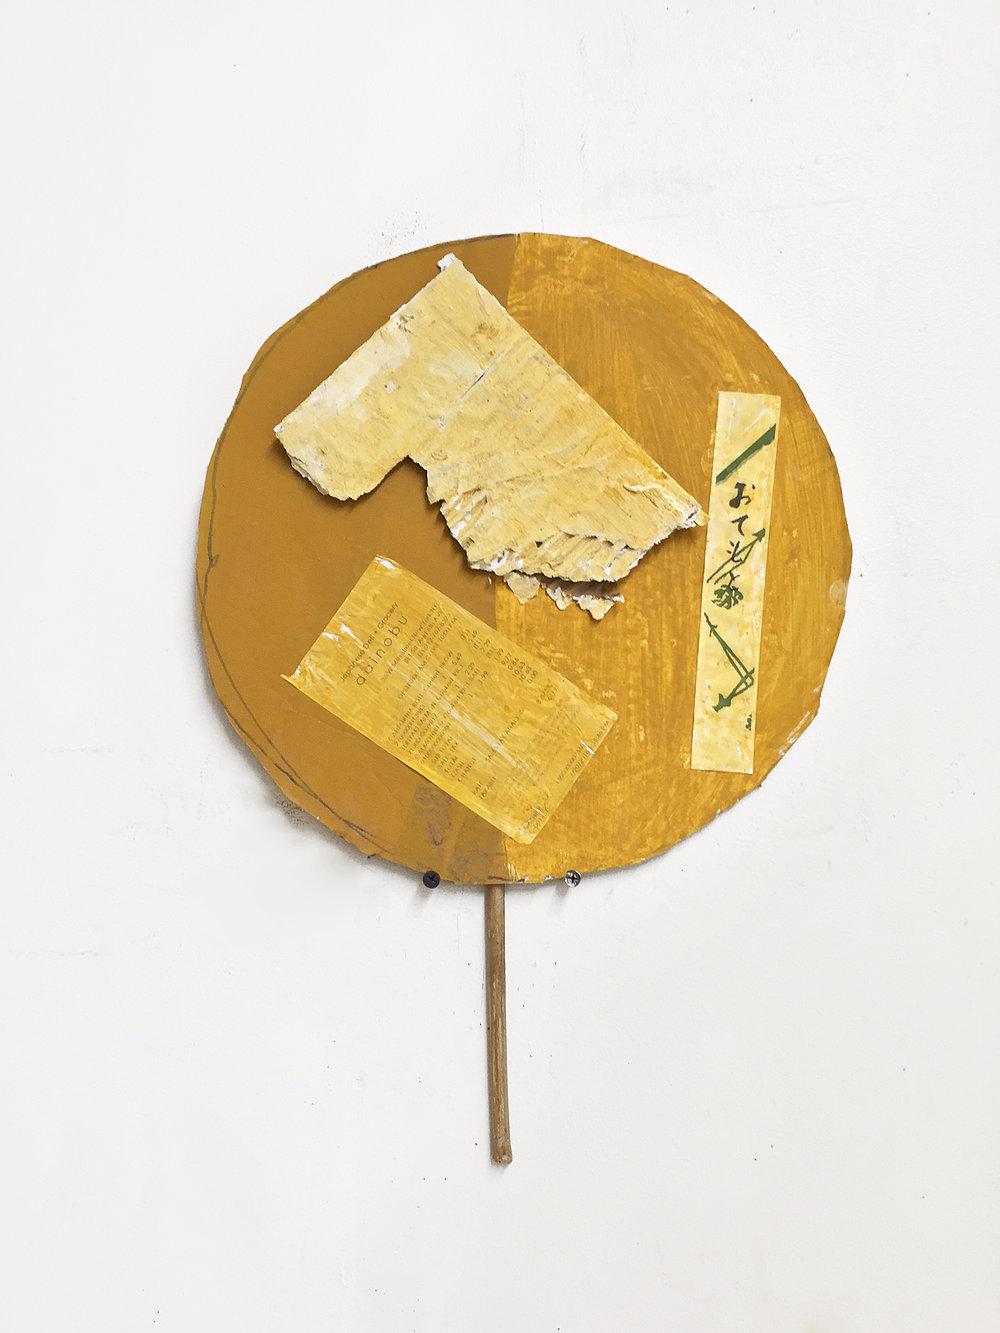 Fan I , 2018 Acrylic, paper, cardboard, bamboo 13in x 18in